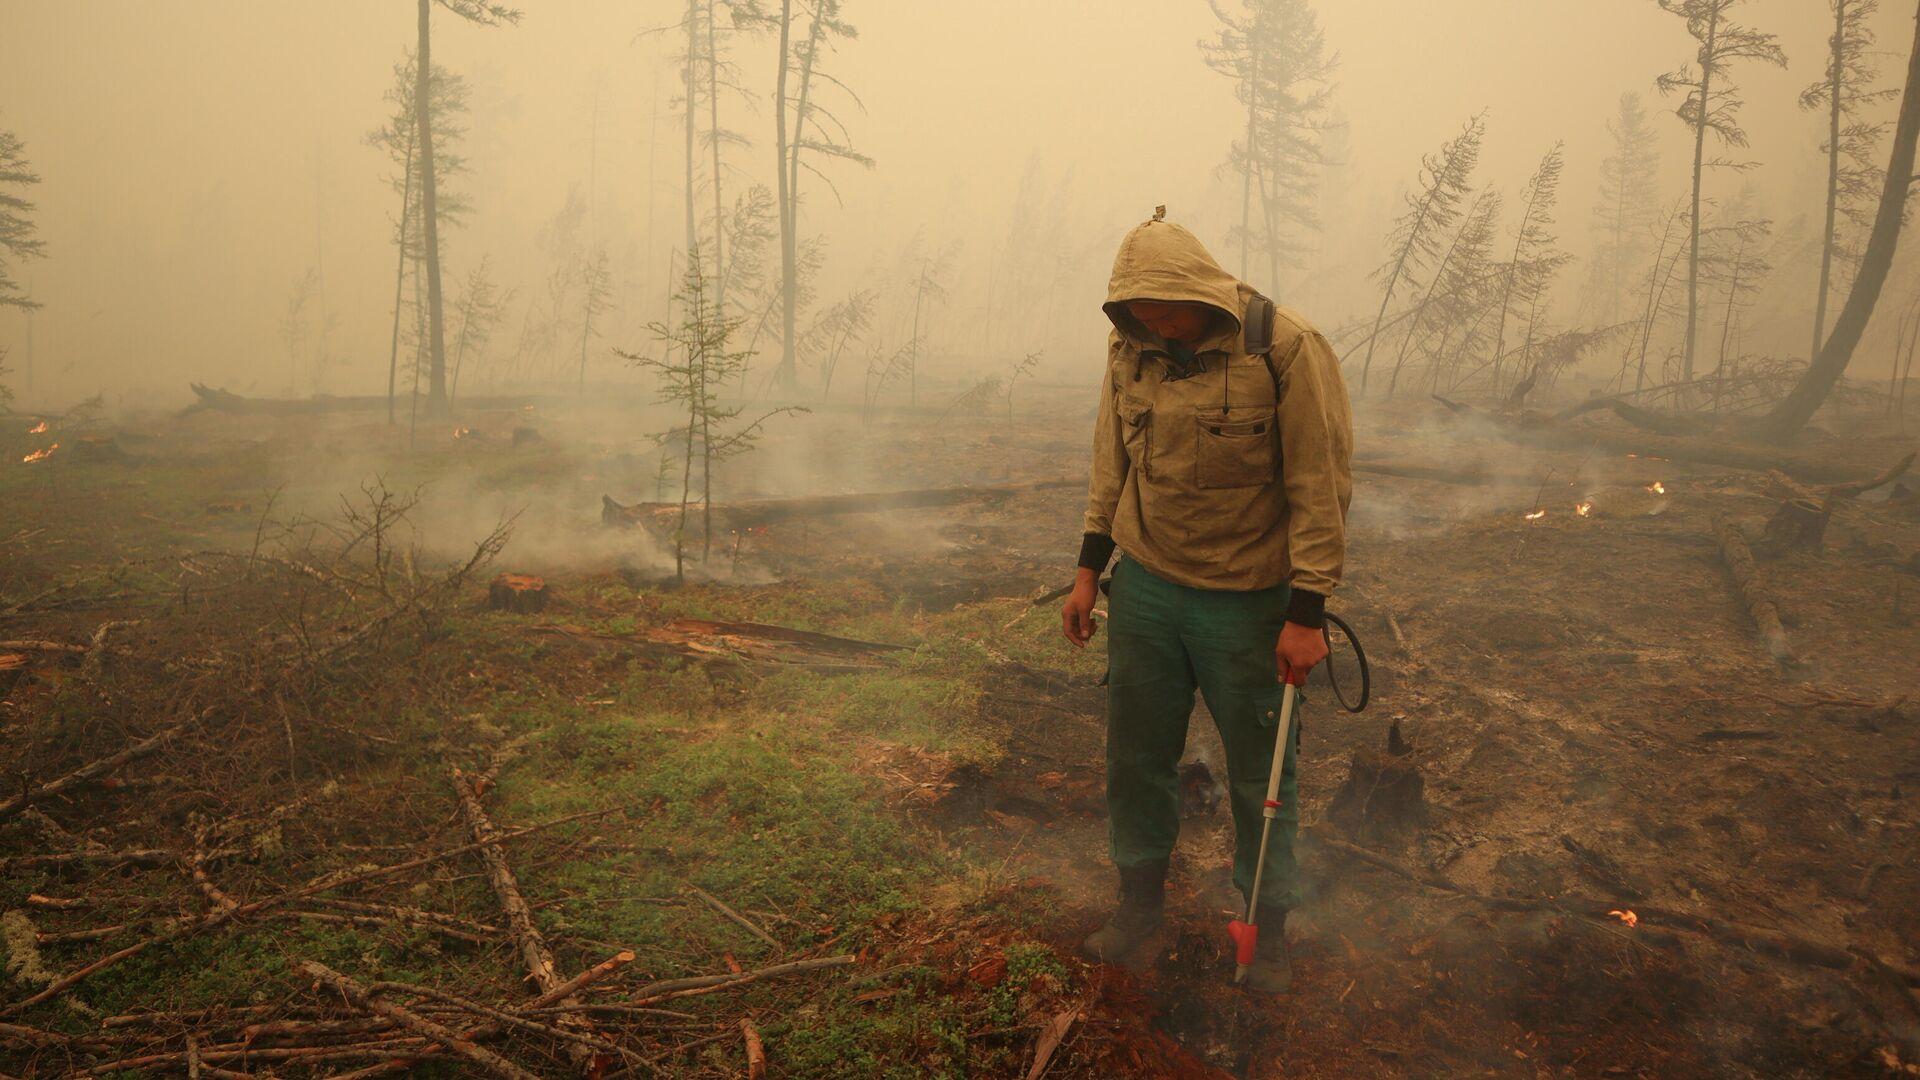 Un especialista del servicio local de protección forestal extingue un incendio forestal cerca del pueblo de Magaras en la región de Yakutia, Rusia, el 17 de julio de 2021 - Sputnik Mundo, 1920, 19.08.2021